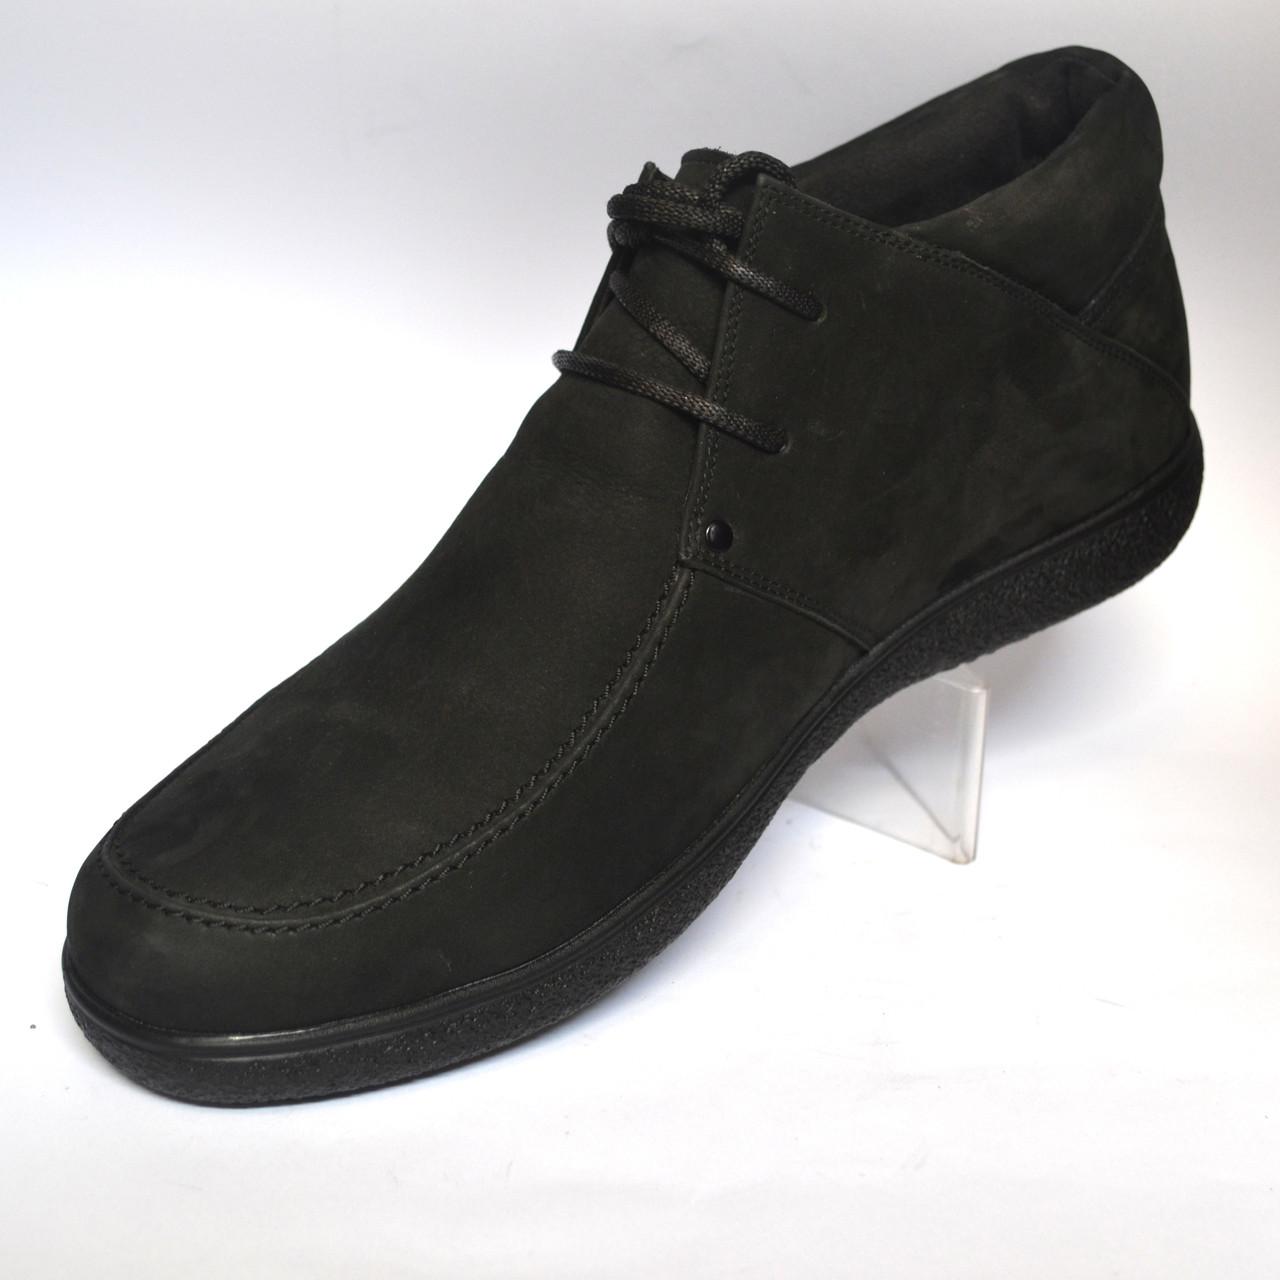 b87b52a70 ... фото Большой размер кожаные зимние мужские ботинки мокасины натуральные  Rosso Avangard Basemokas Nub BS нубук, ...